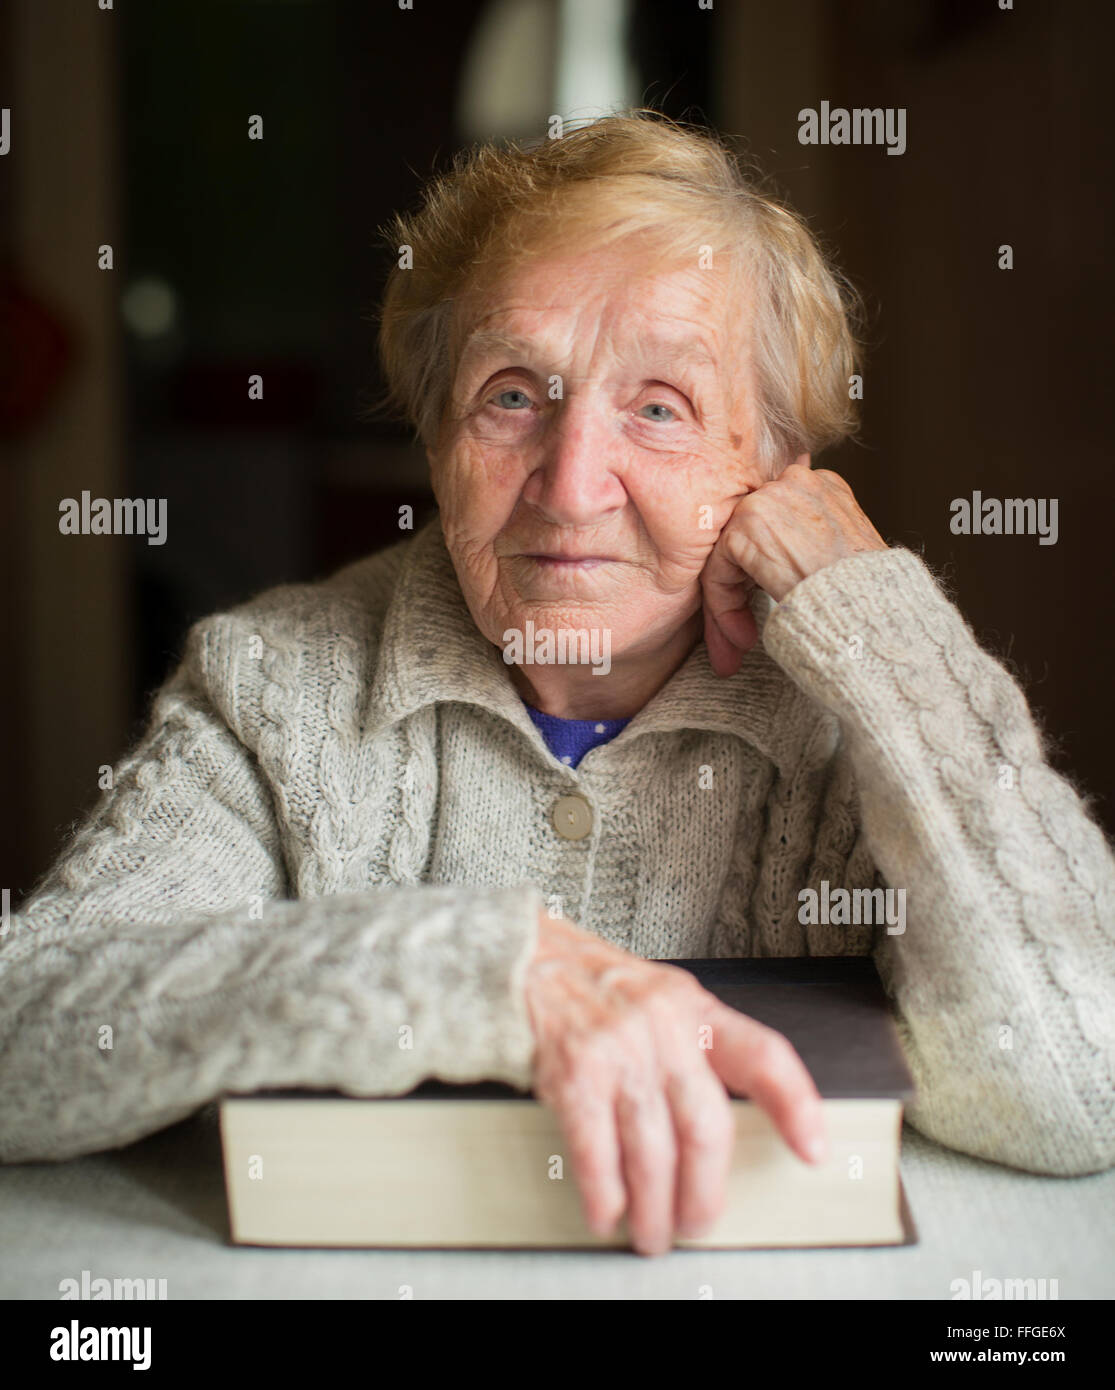 Porträt von ältere Frau sitzend mit Buch. Stockbild